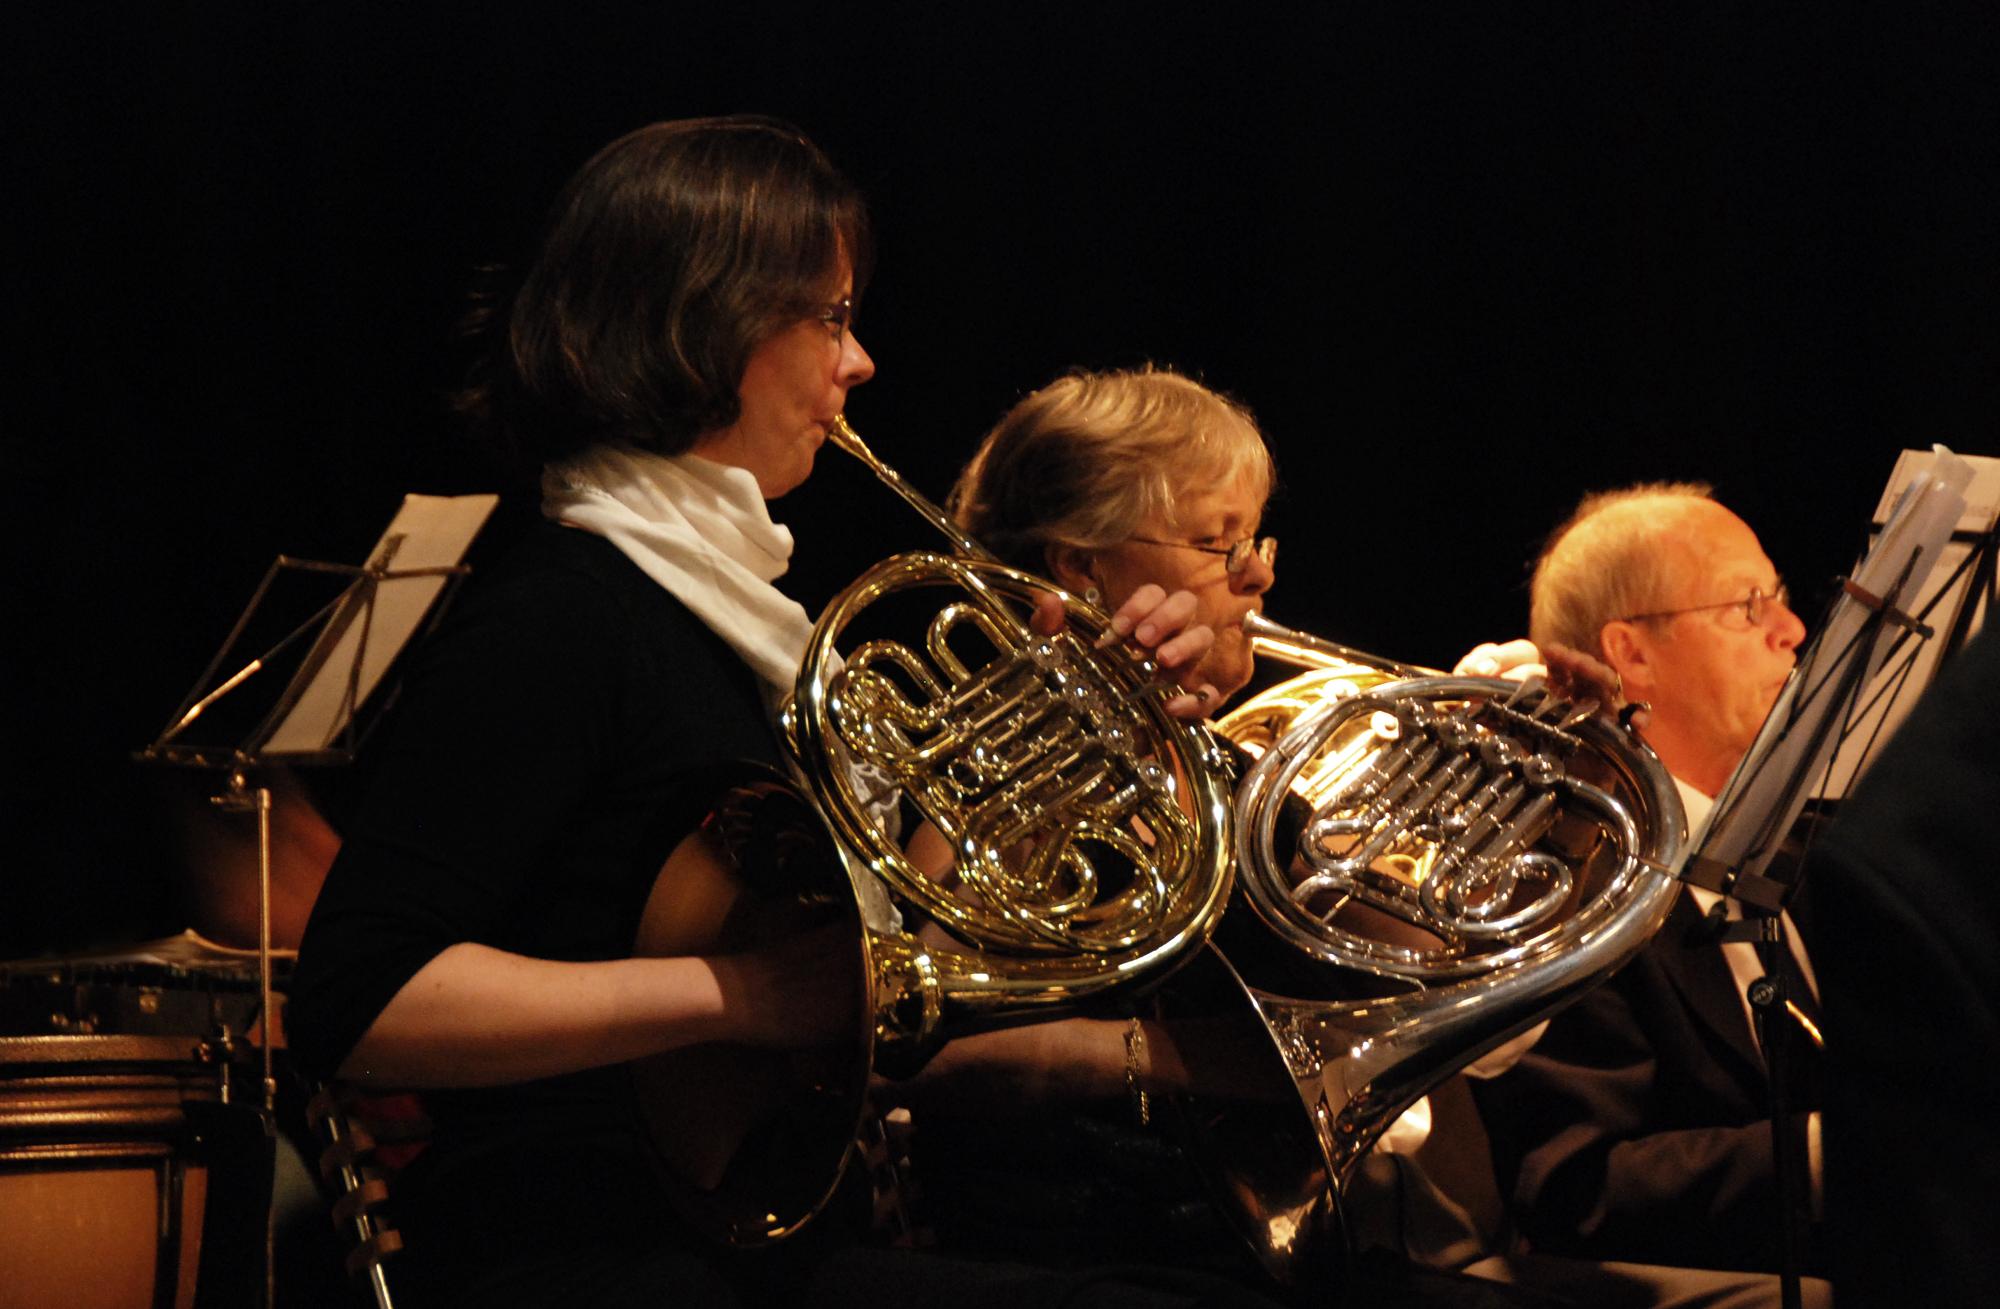 Snart åbner koncertsæsonen på Amfiscenen i Bregninge